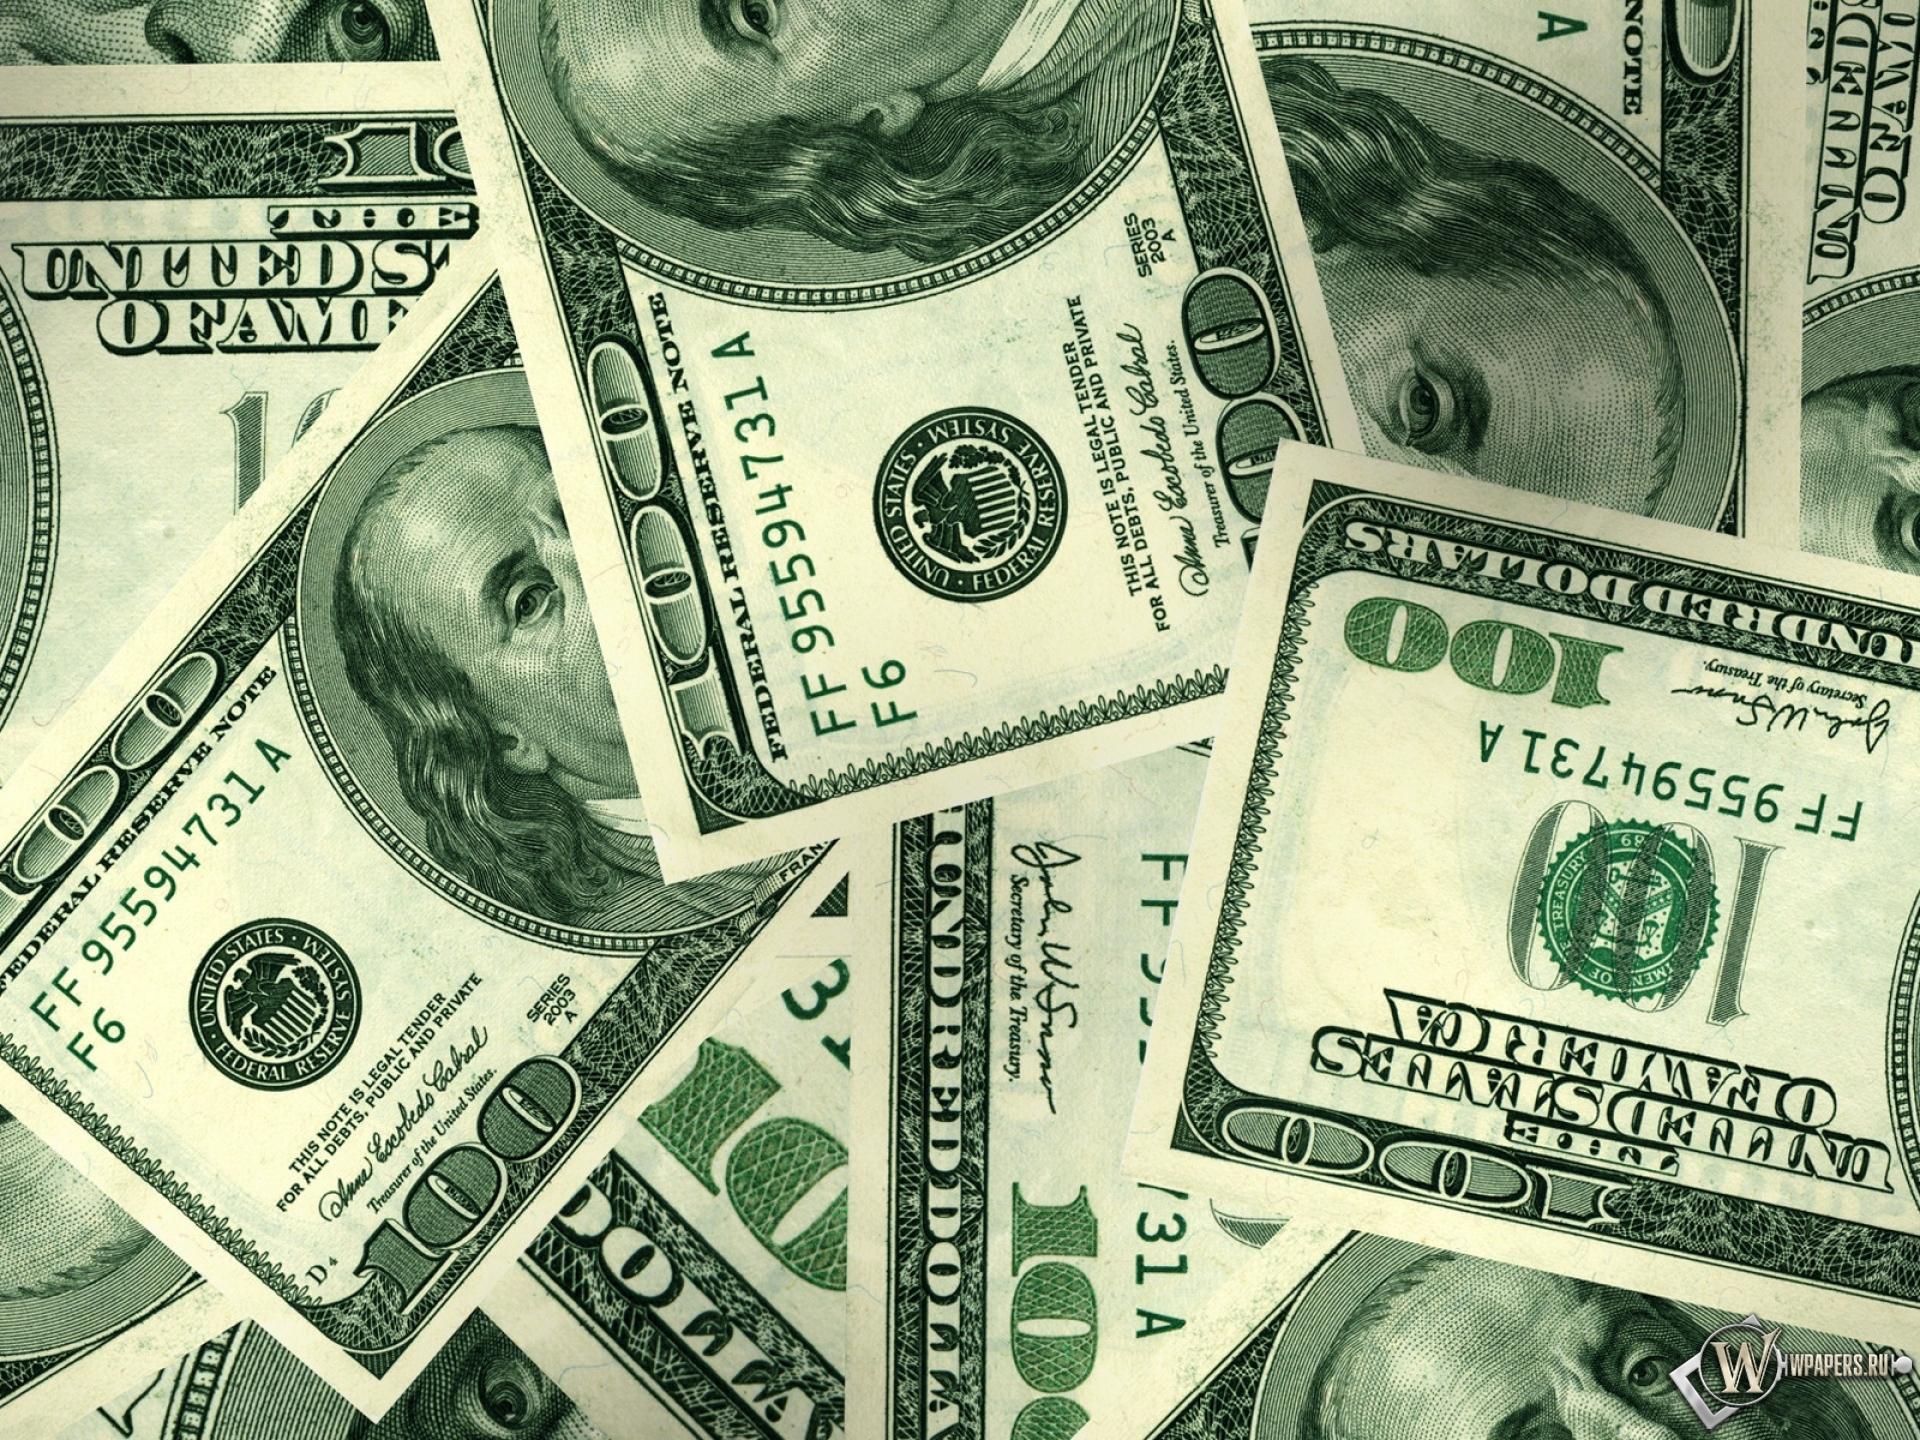 картинки деньги установить на рабочий стол работе встречаются часто